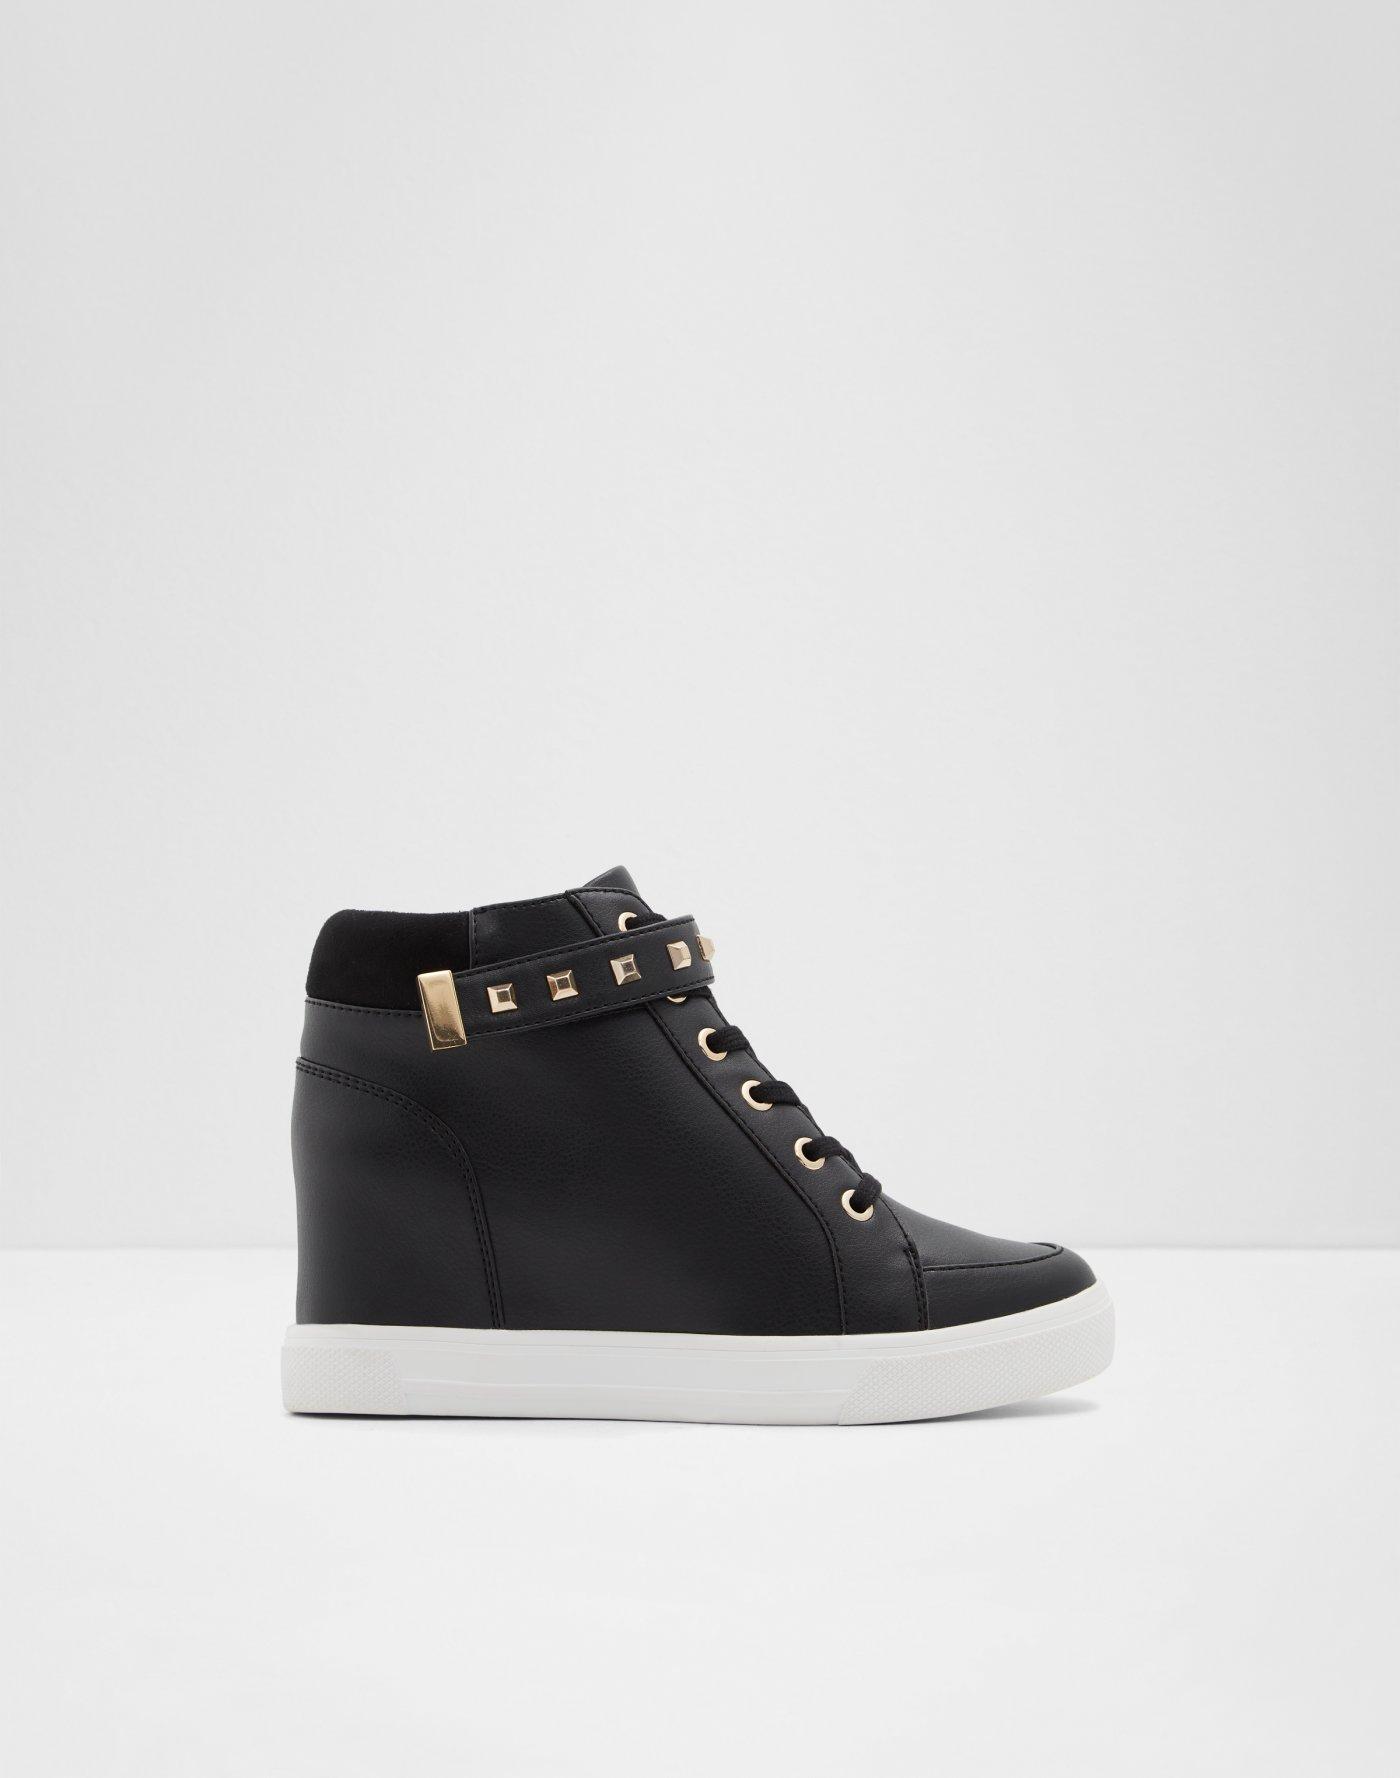 57499bce27c3 Sneakers